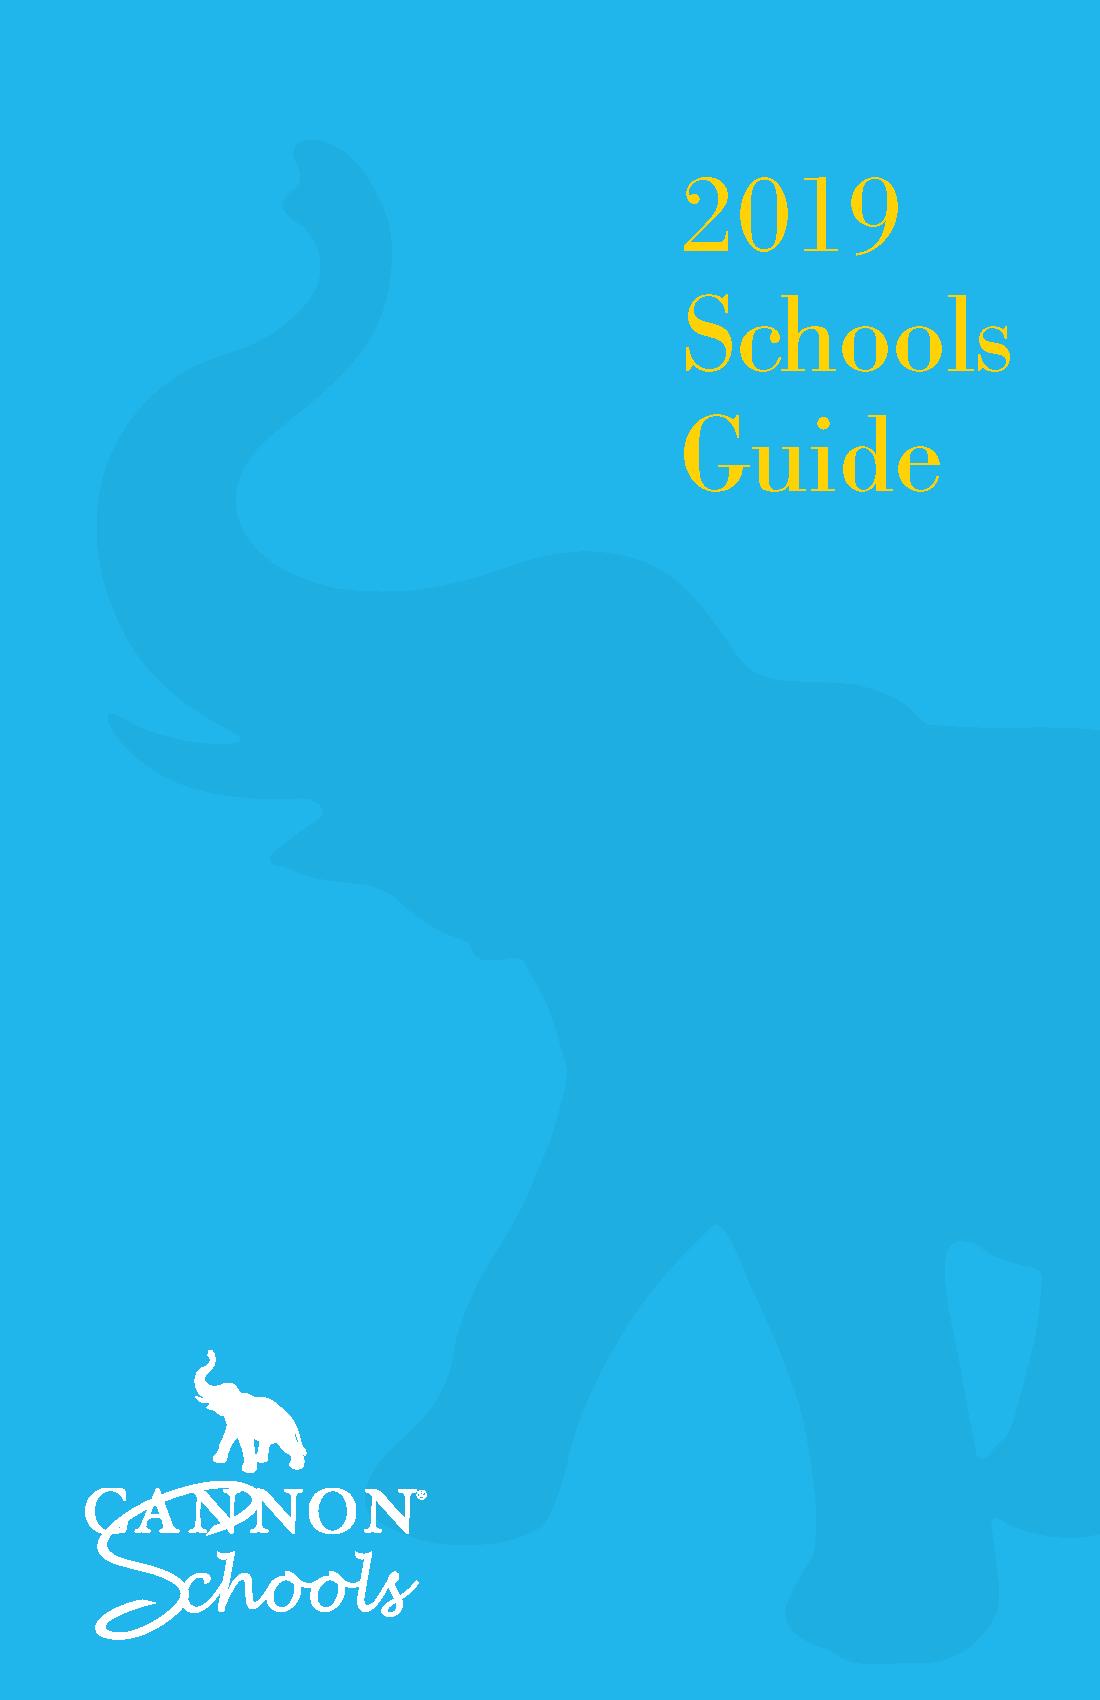 2019 Cannon Schools Guide